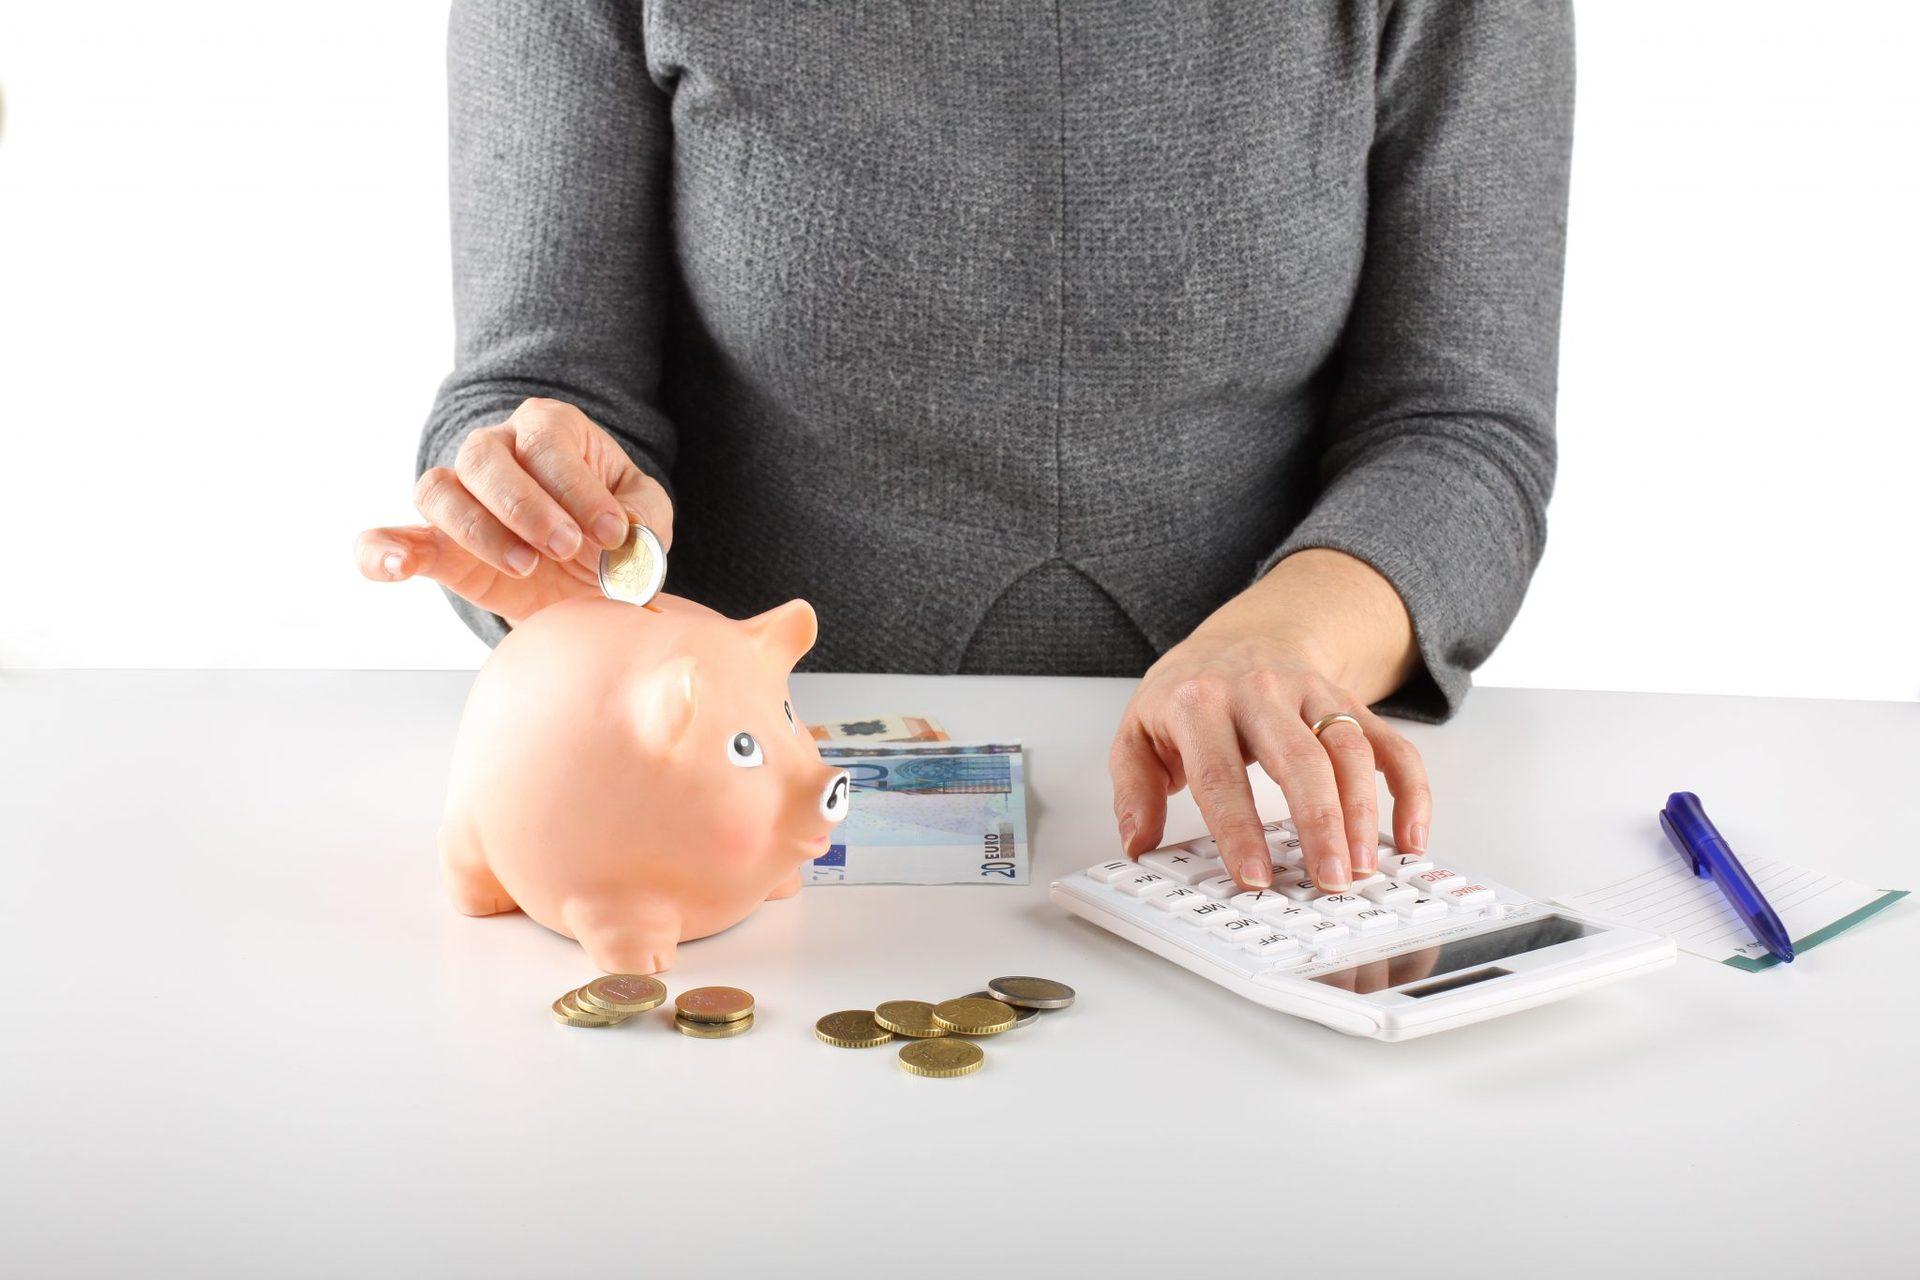 Краткие итоги: какие обращения потребителей финансовых услуг рассматривал финрегулятор в ноябре 2020 года